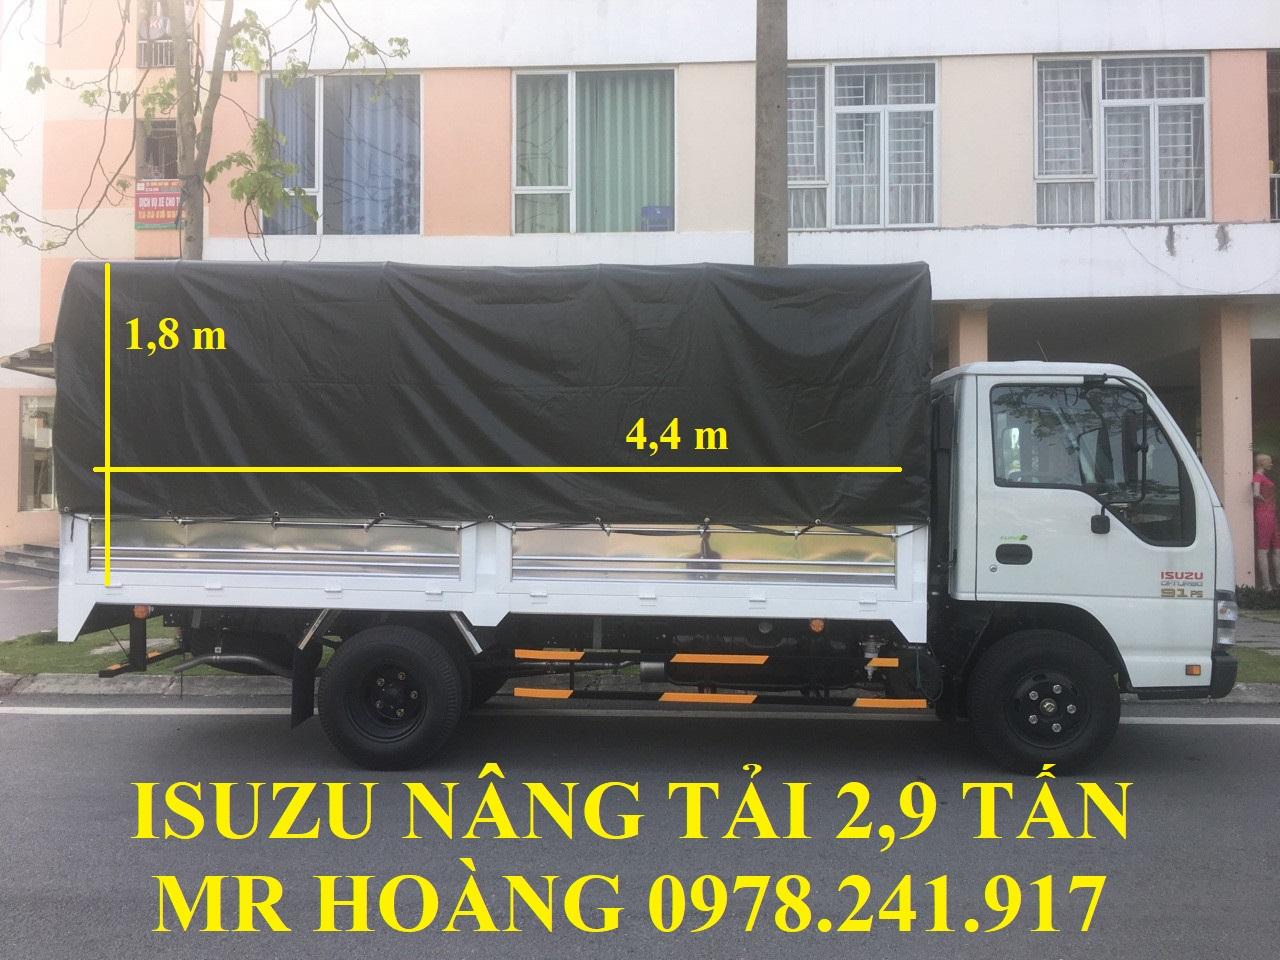 xe tải isuzu 2,9 tấn nâng tải qkr55h-16 thùng mui bạt